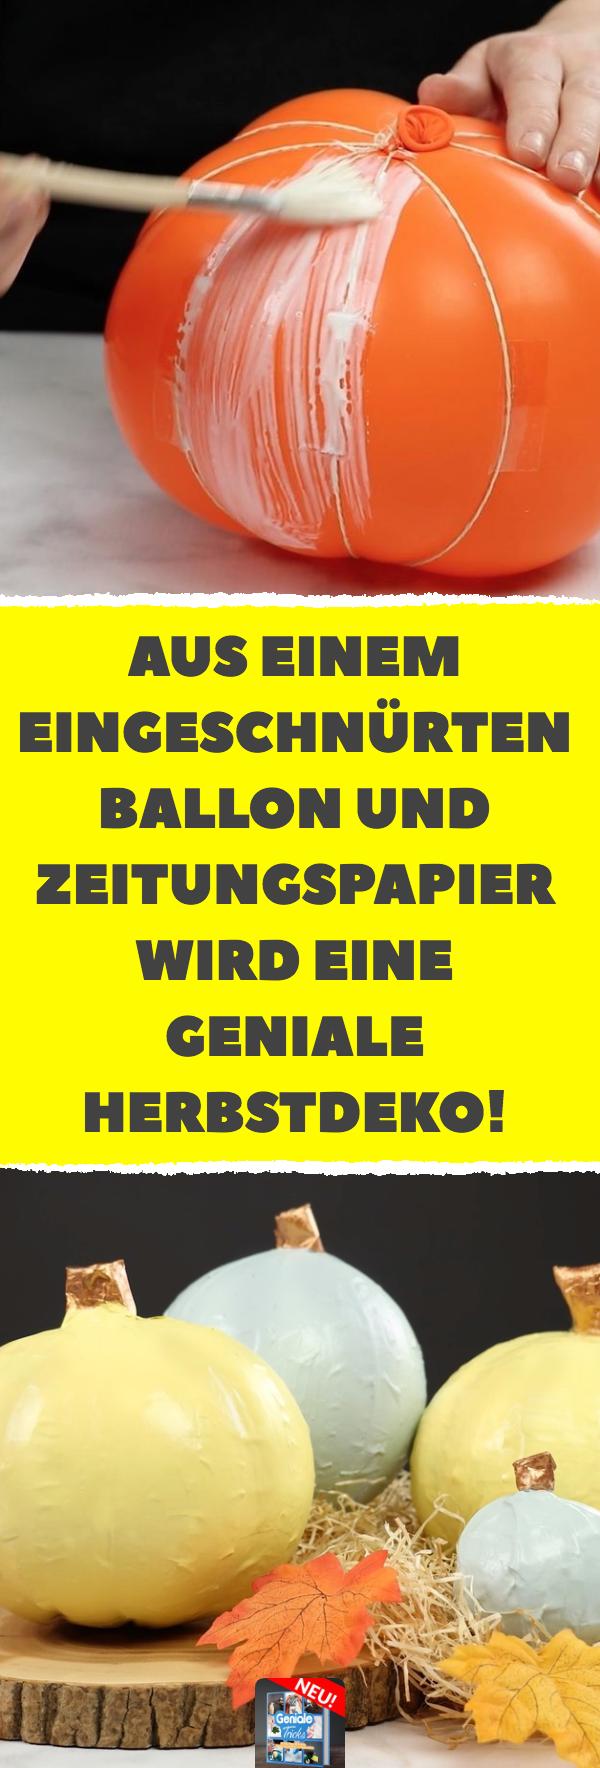 Aus einem eingeschnürten Ballon und Zeitungspapier wird eine geniale Herbstdeko.